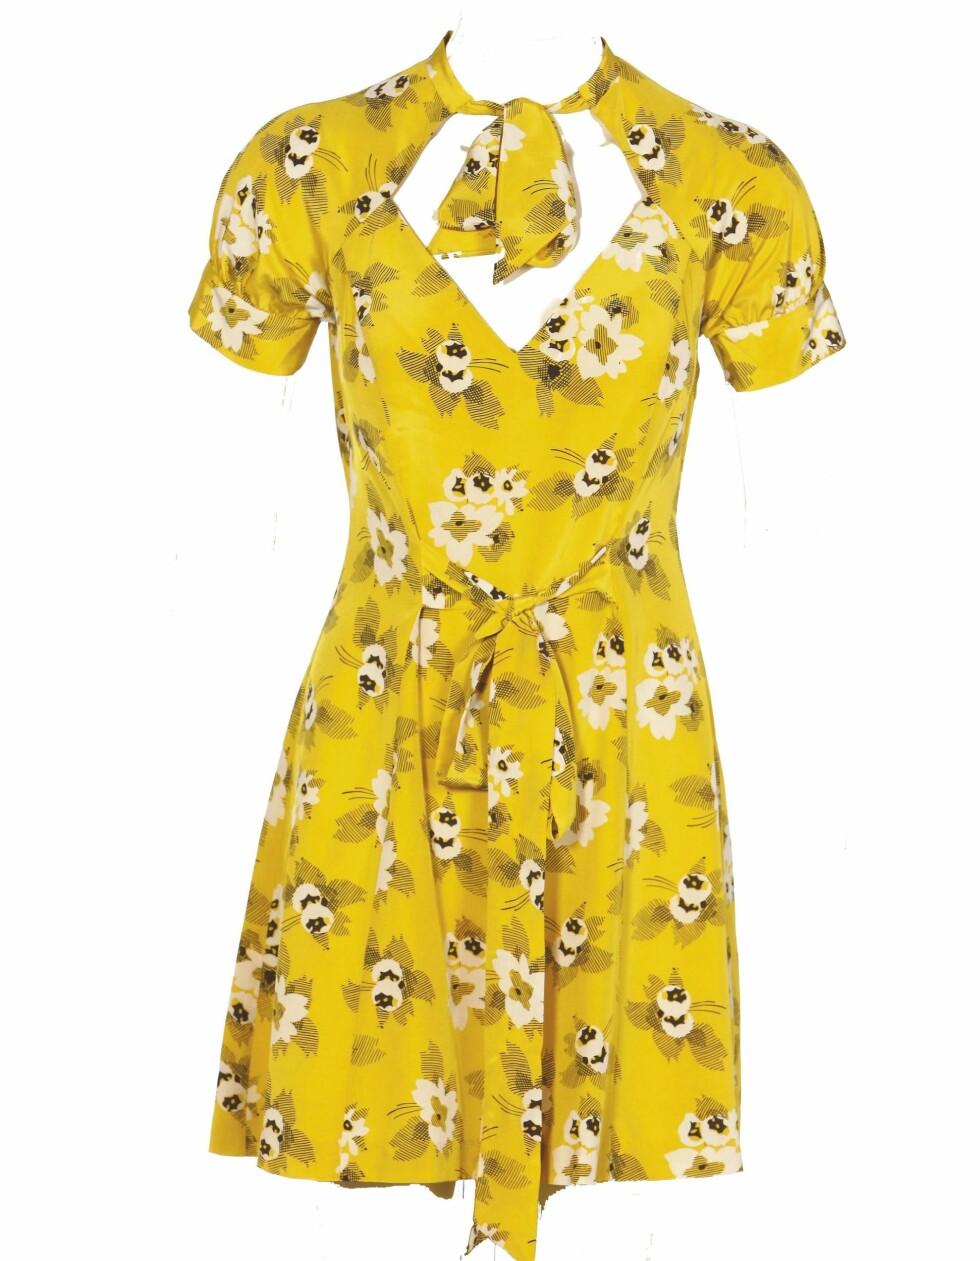 Gul kjole med blomster - perfekt når du skal drikke limonade i hagen (kr 3150, What Comes Around Goes Around).